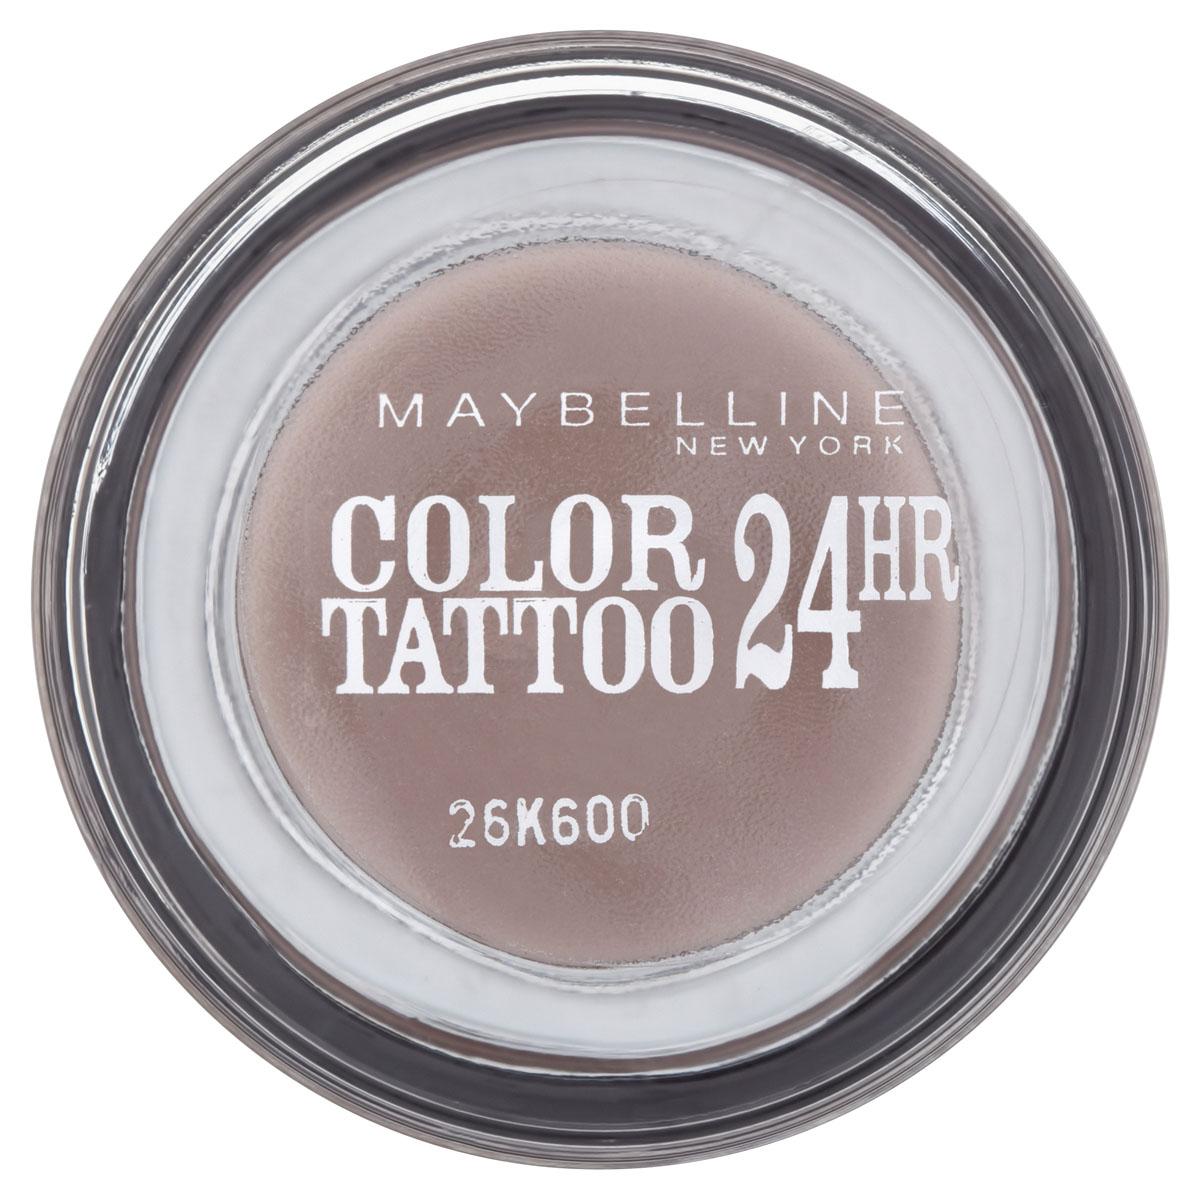 Maybelline New York Тени для век Color Tattoo 24 часа, оттенок 40, Долговечный коричневый, 4 мл4630003365187Осмелься на ультраяркий, самый стойкий цвет!Супернасыщенные крем-гелевые тени с технологией тату-пигментов.Насыщенные, устойчивые тениMaybelline Color Tattoo 24 часа предназначены для дневного и вечернего макияжа. Тени словно татуировка надежно закрепляются на коже, не боятся влаги, не скатываются и не размазываются, даже если потереть глаза рукой.Товар сертифицирован.